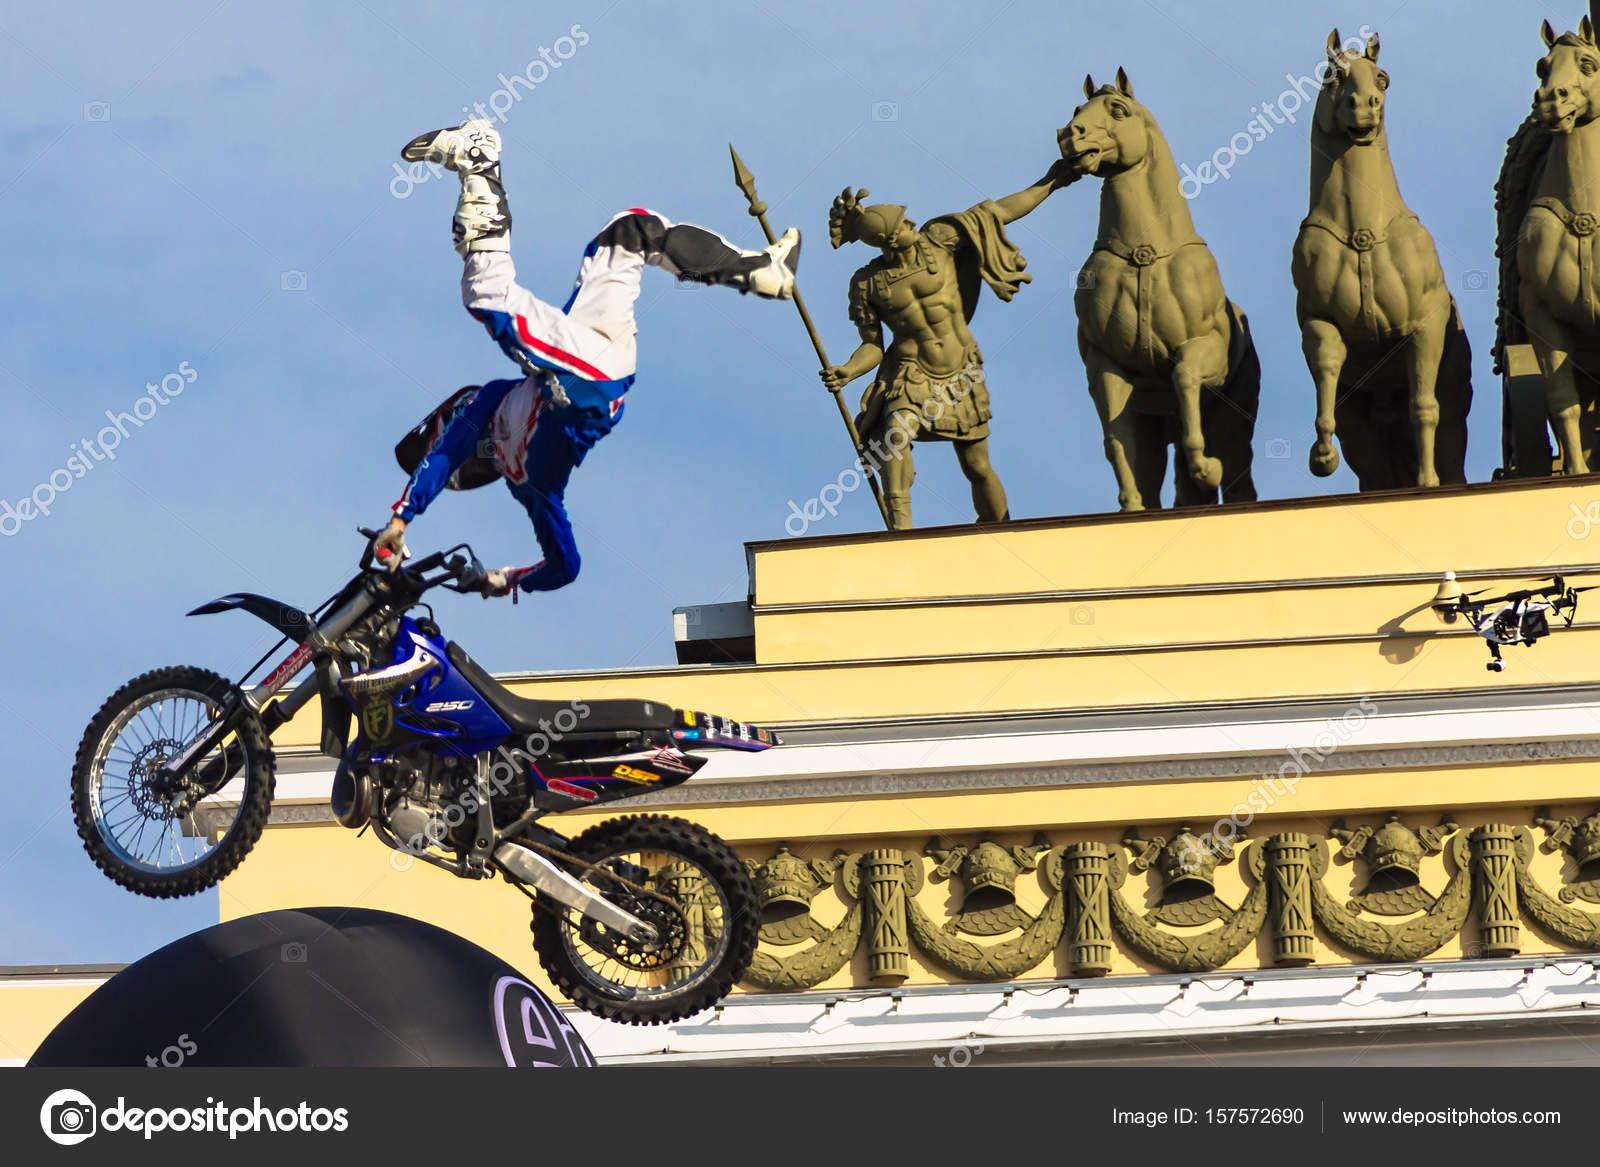 スタント バイク ショー - スト...